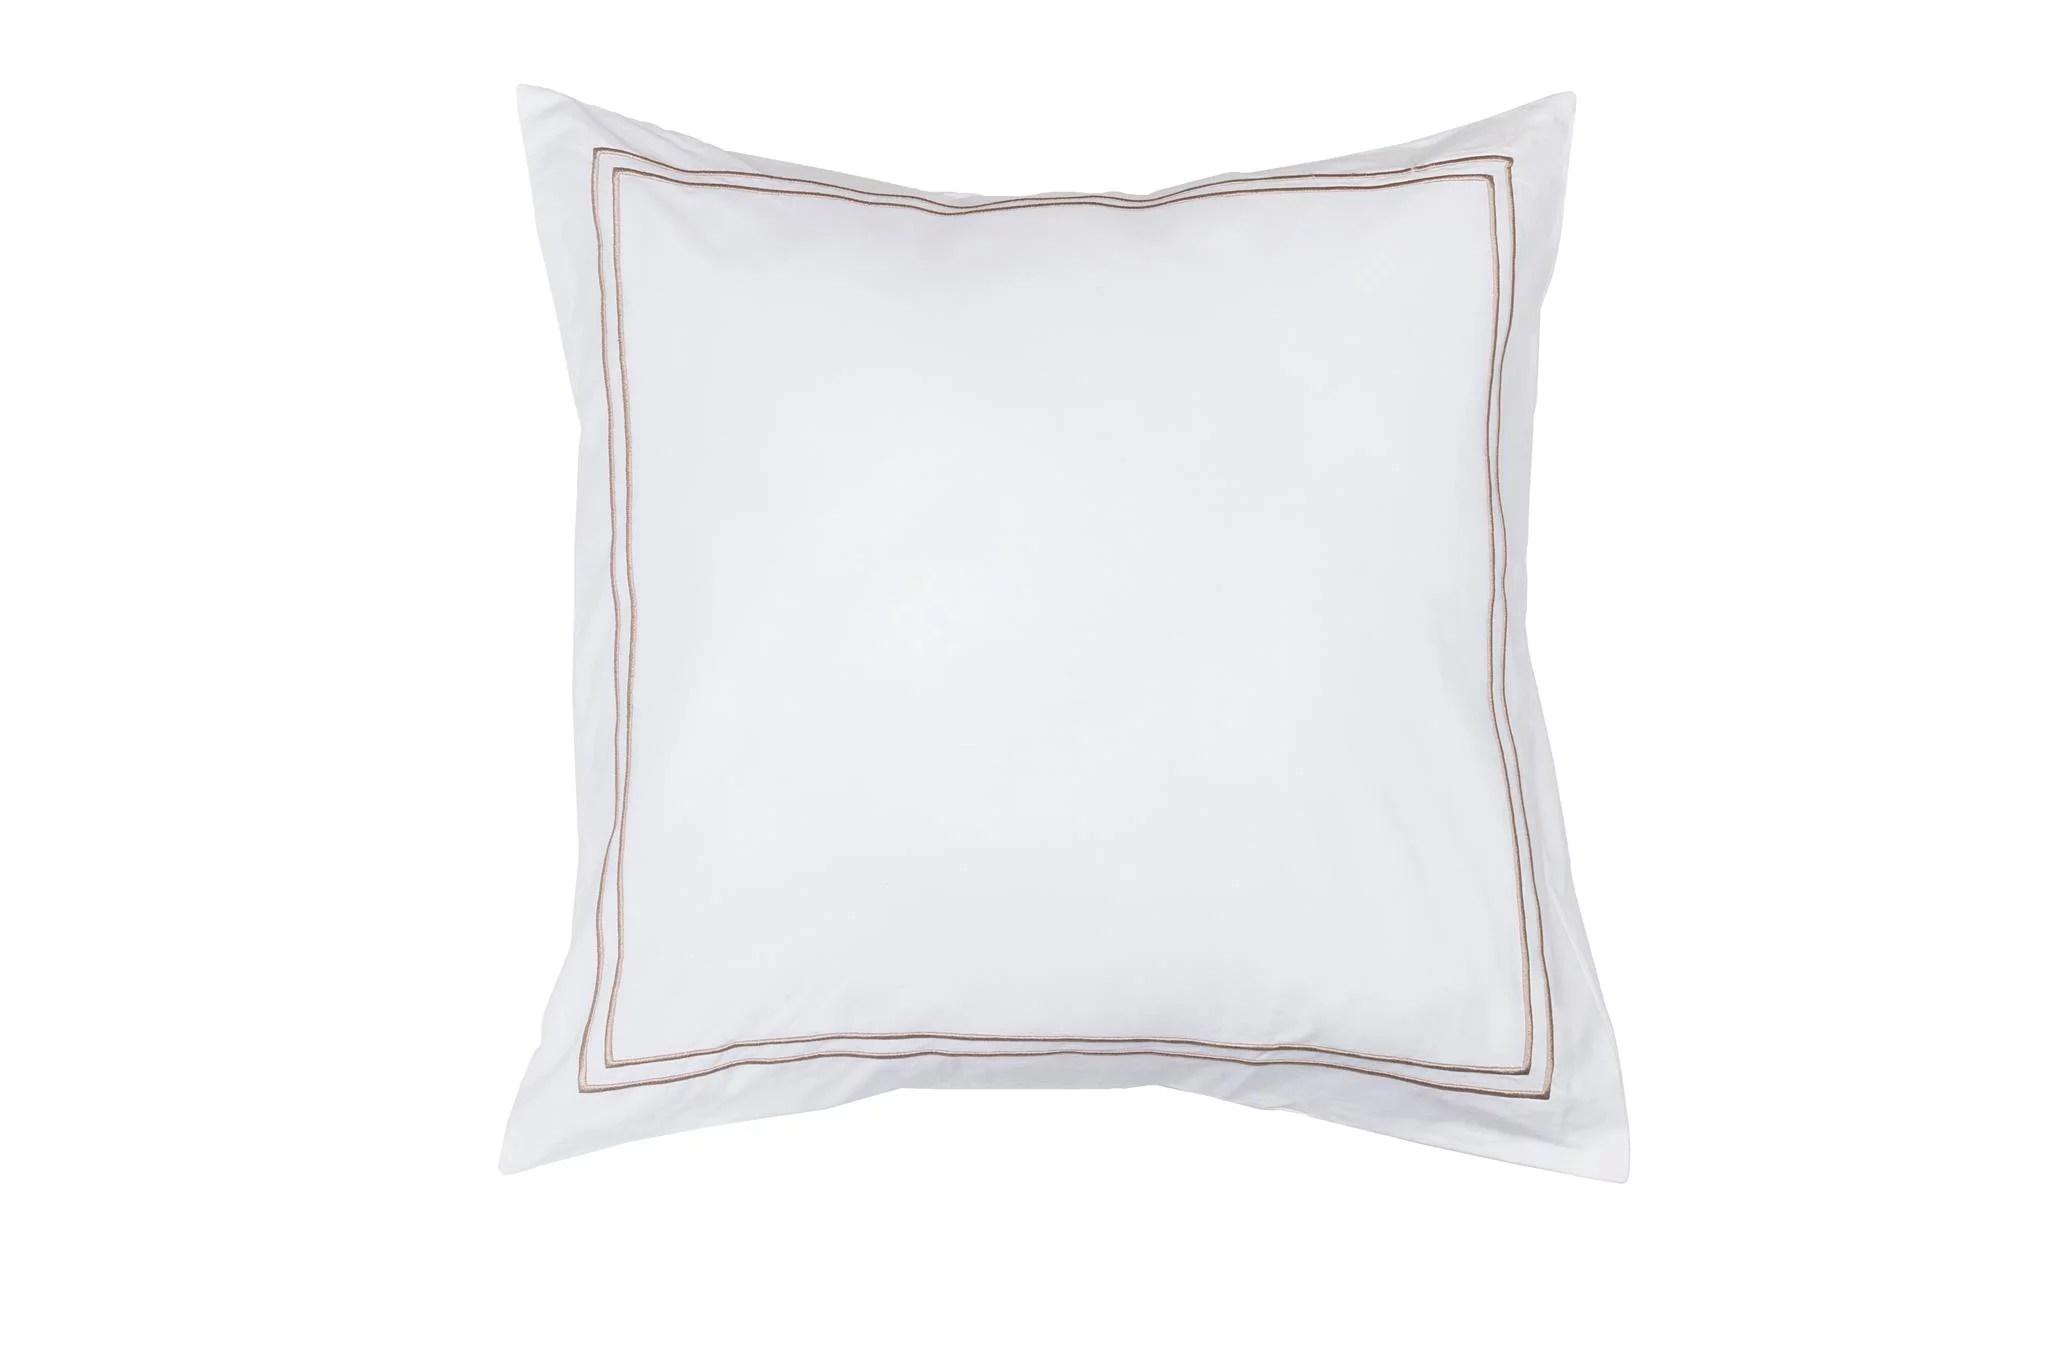 single 1 100 cotton pure white euro square size pillow sham decorative baratta stitch 26in x 26in gold